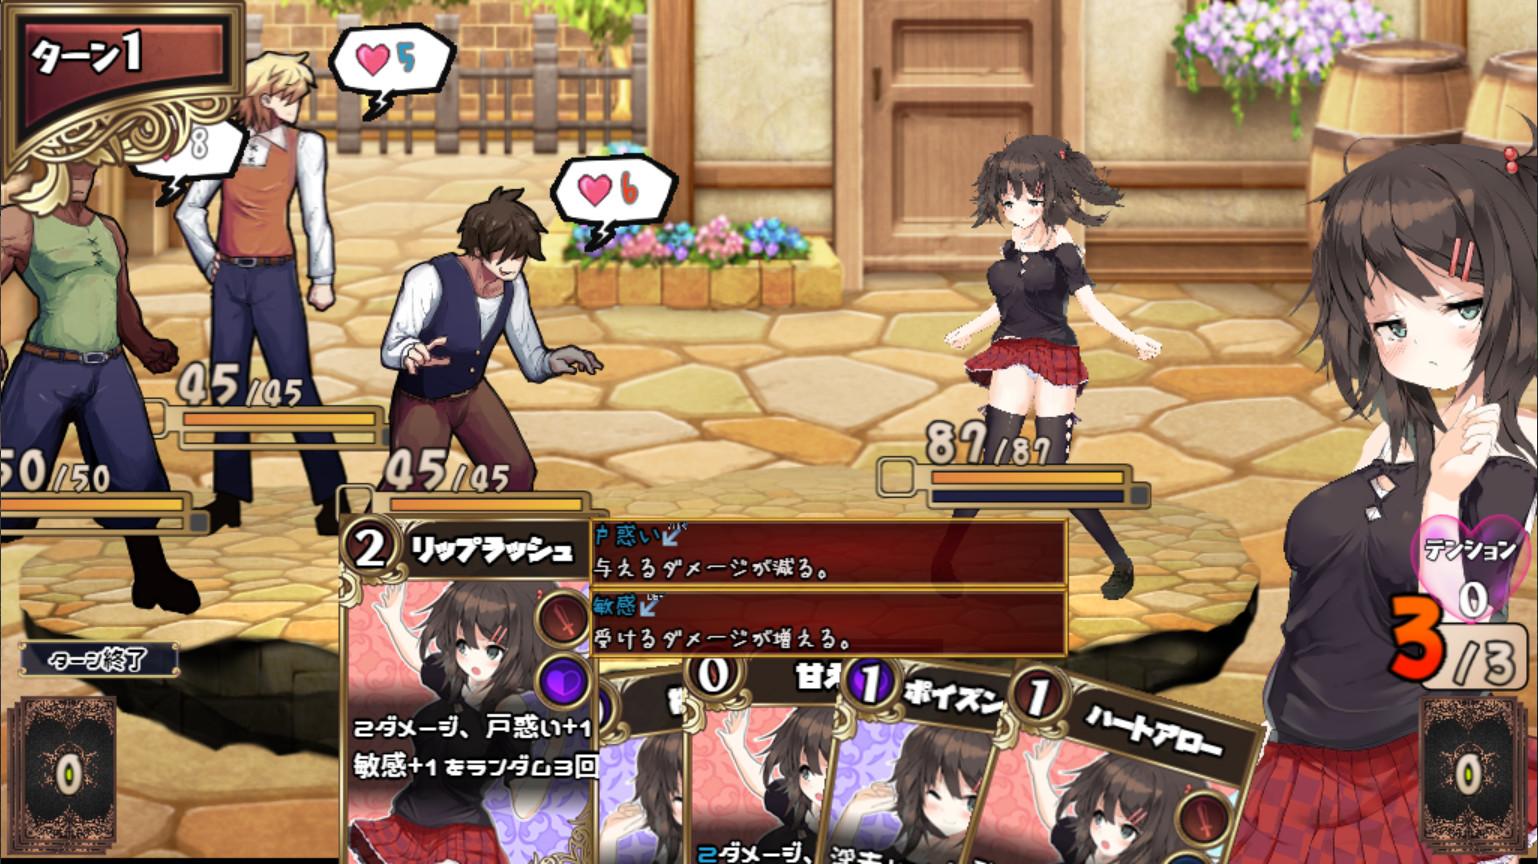 魅魔★钟爱!(V1.1+DLC)插图1